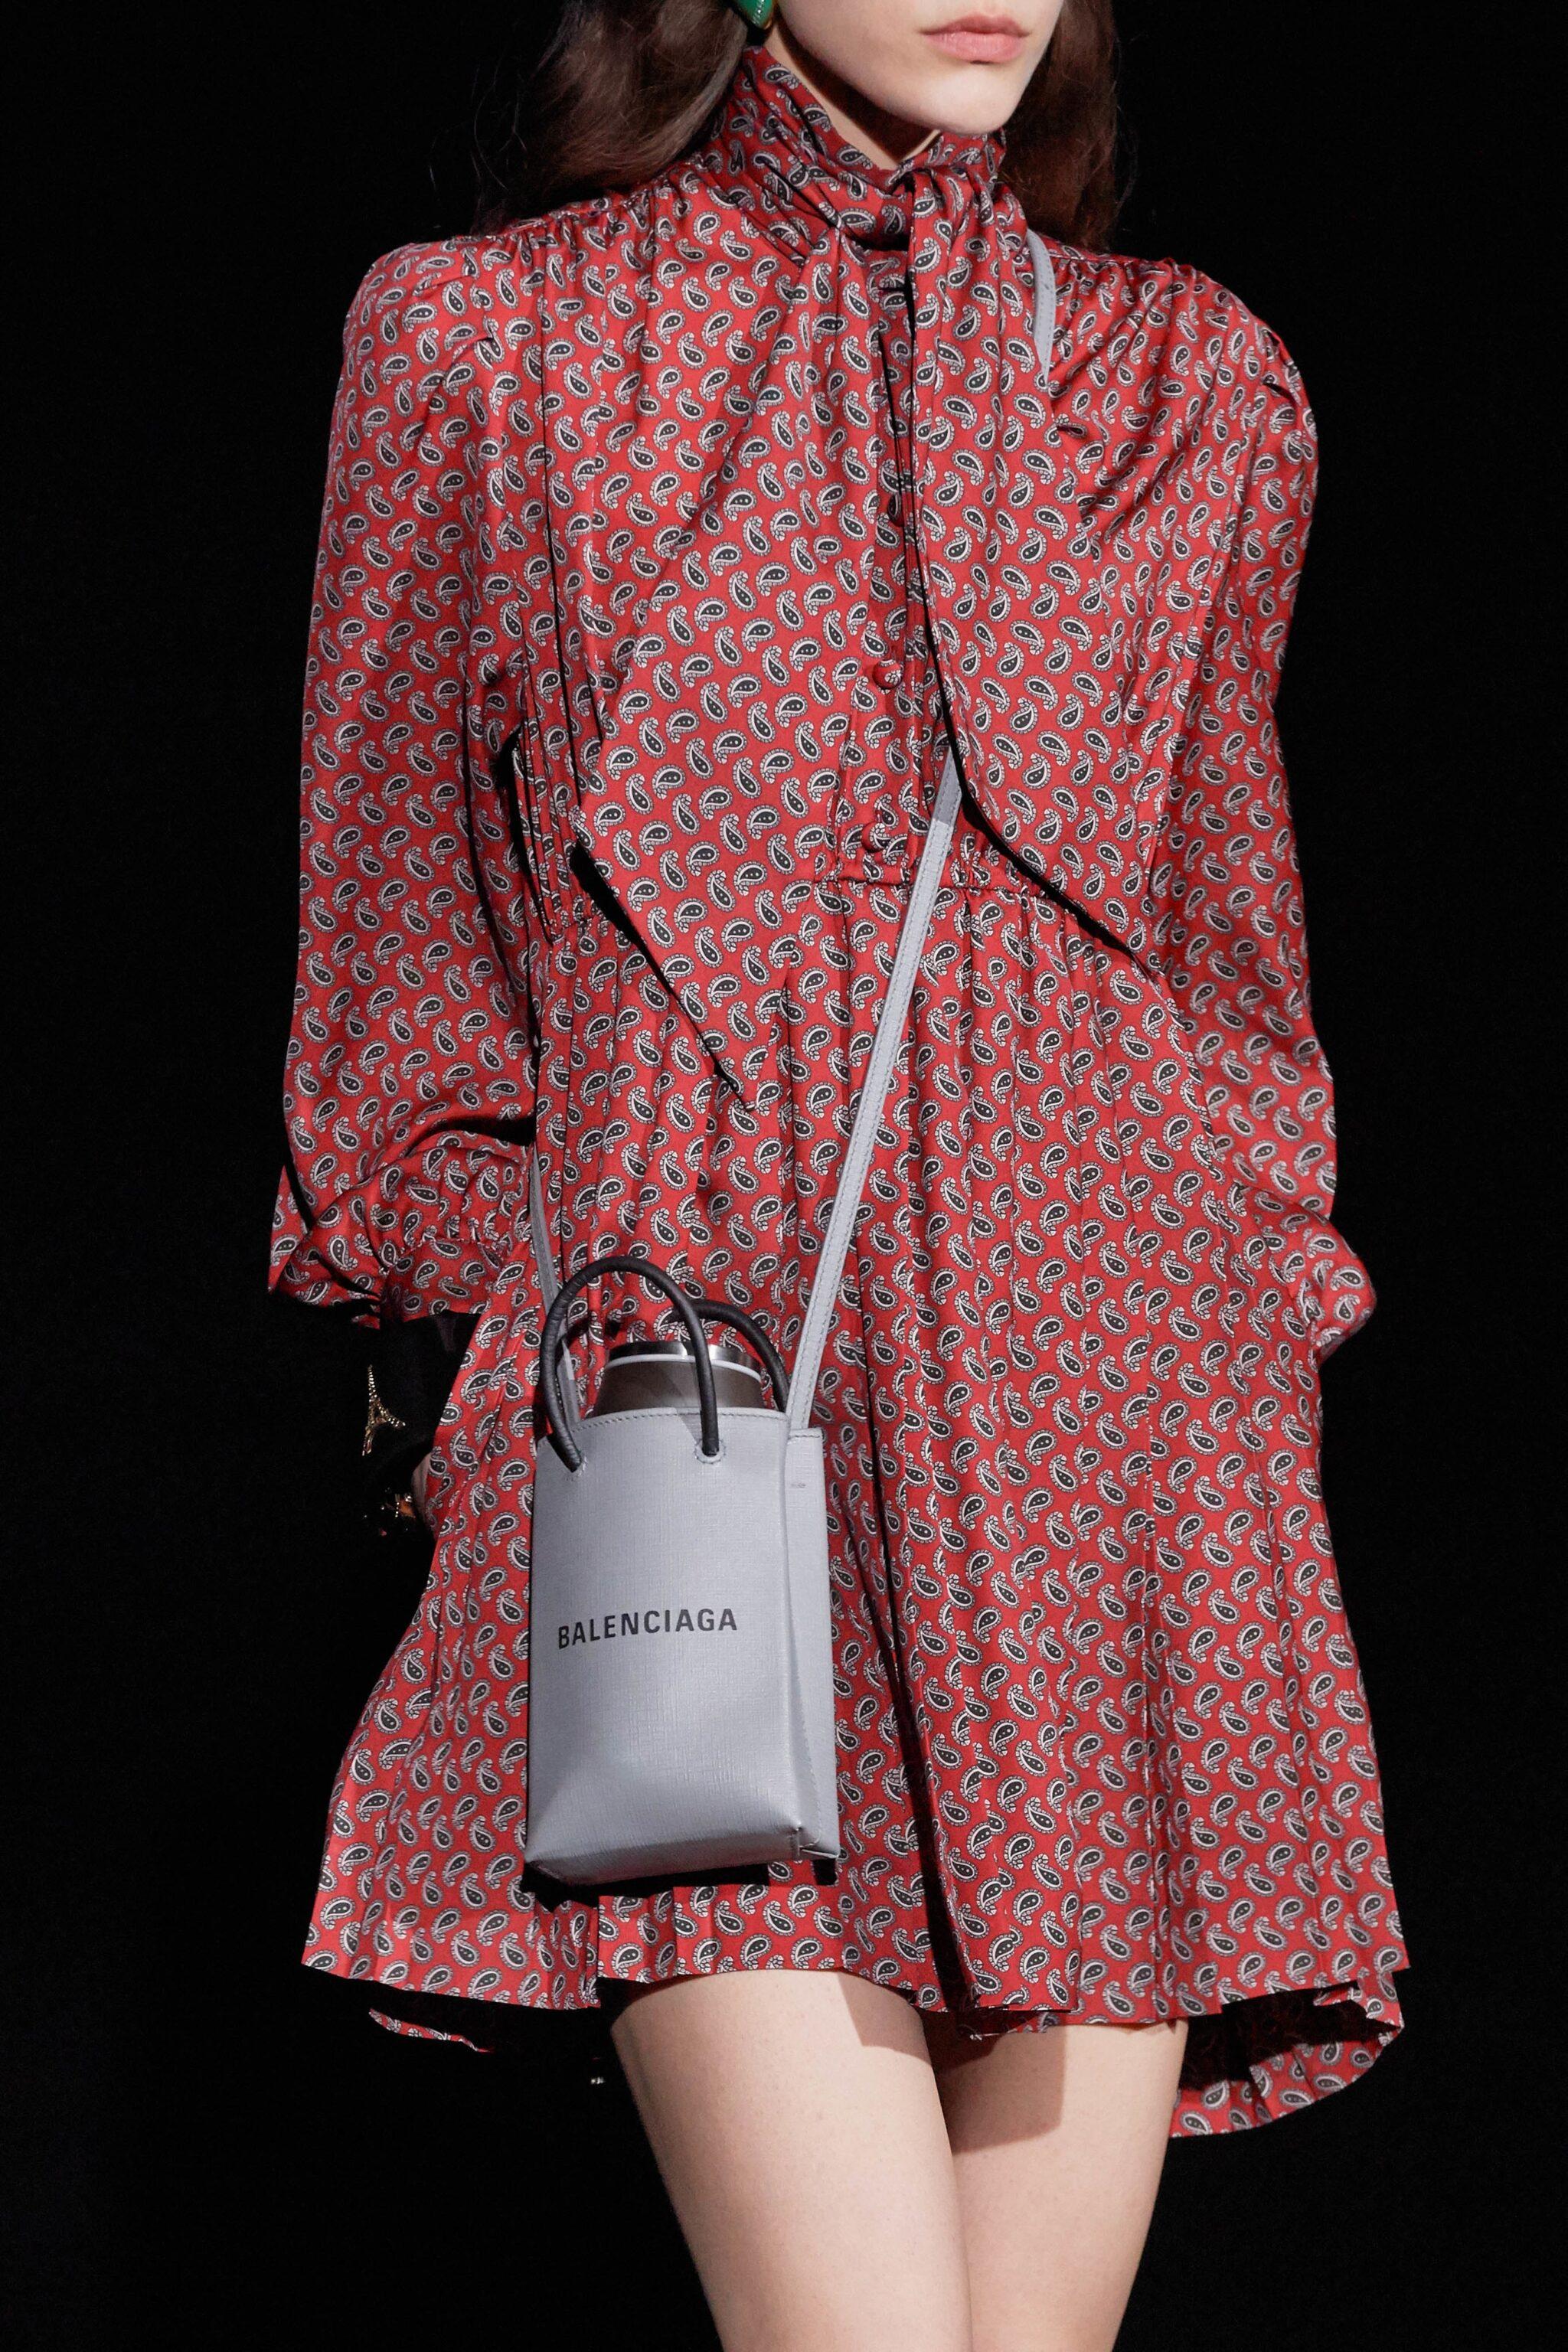 Balenciaga Fall Winter 2019 Runway Bag Collection